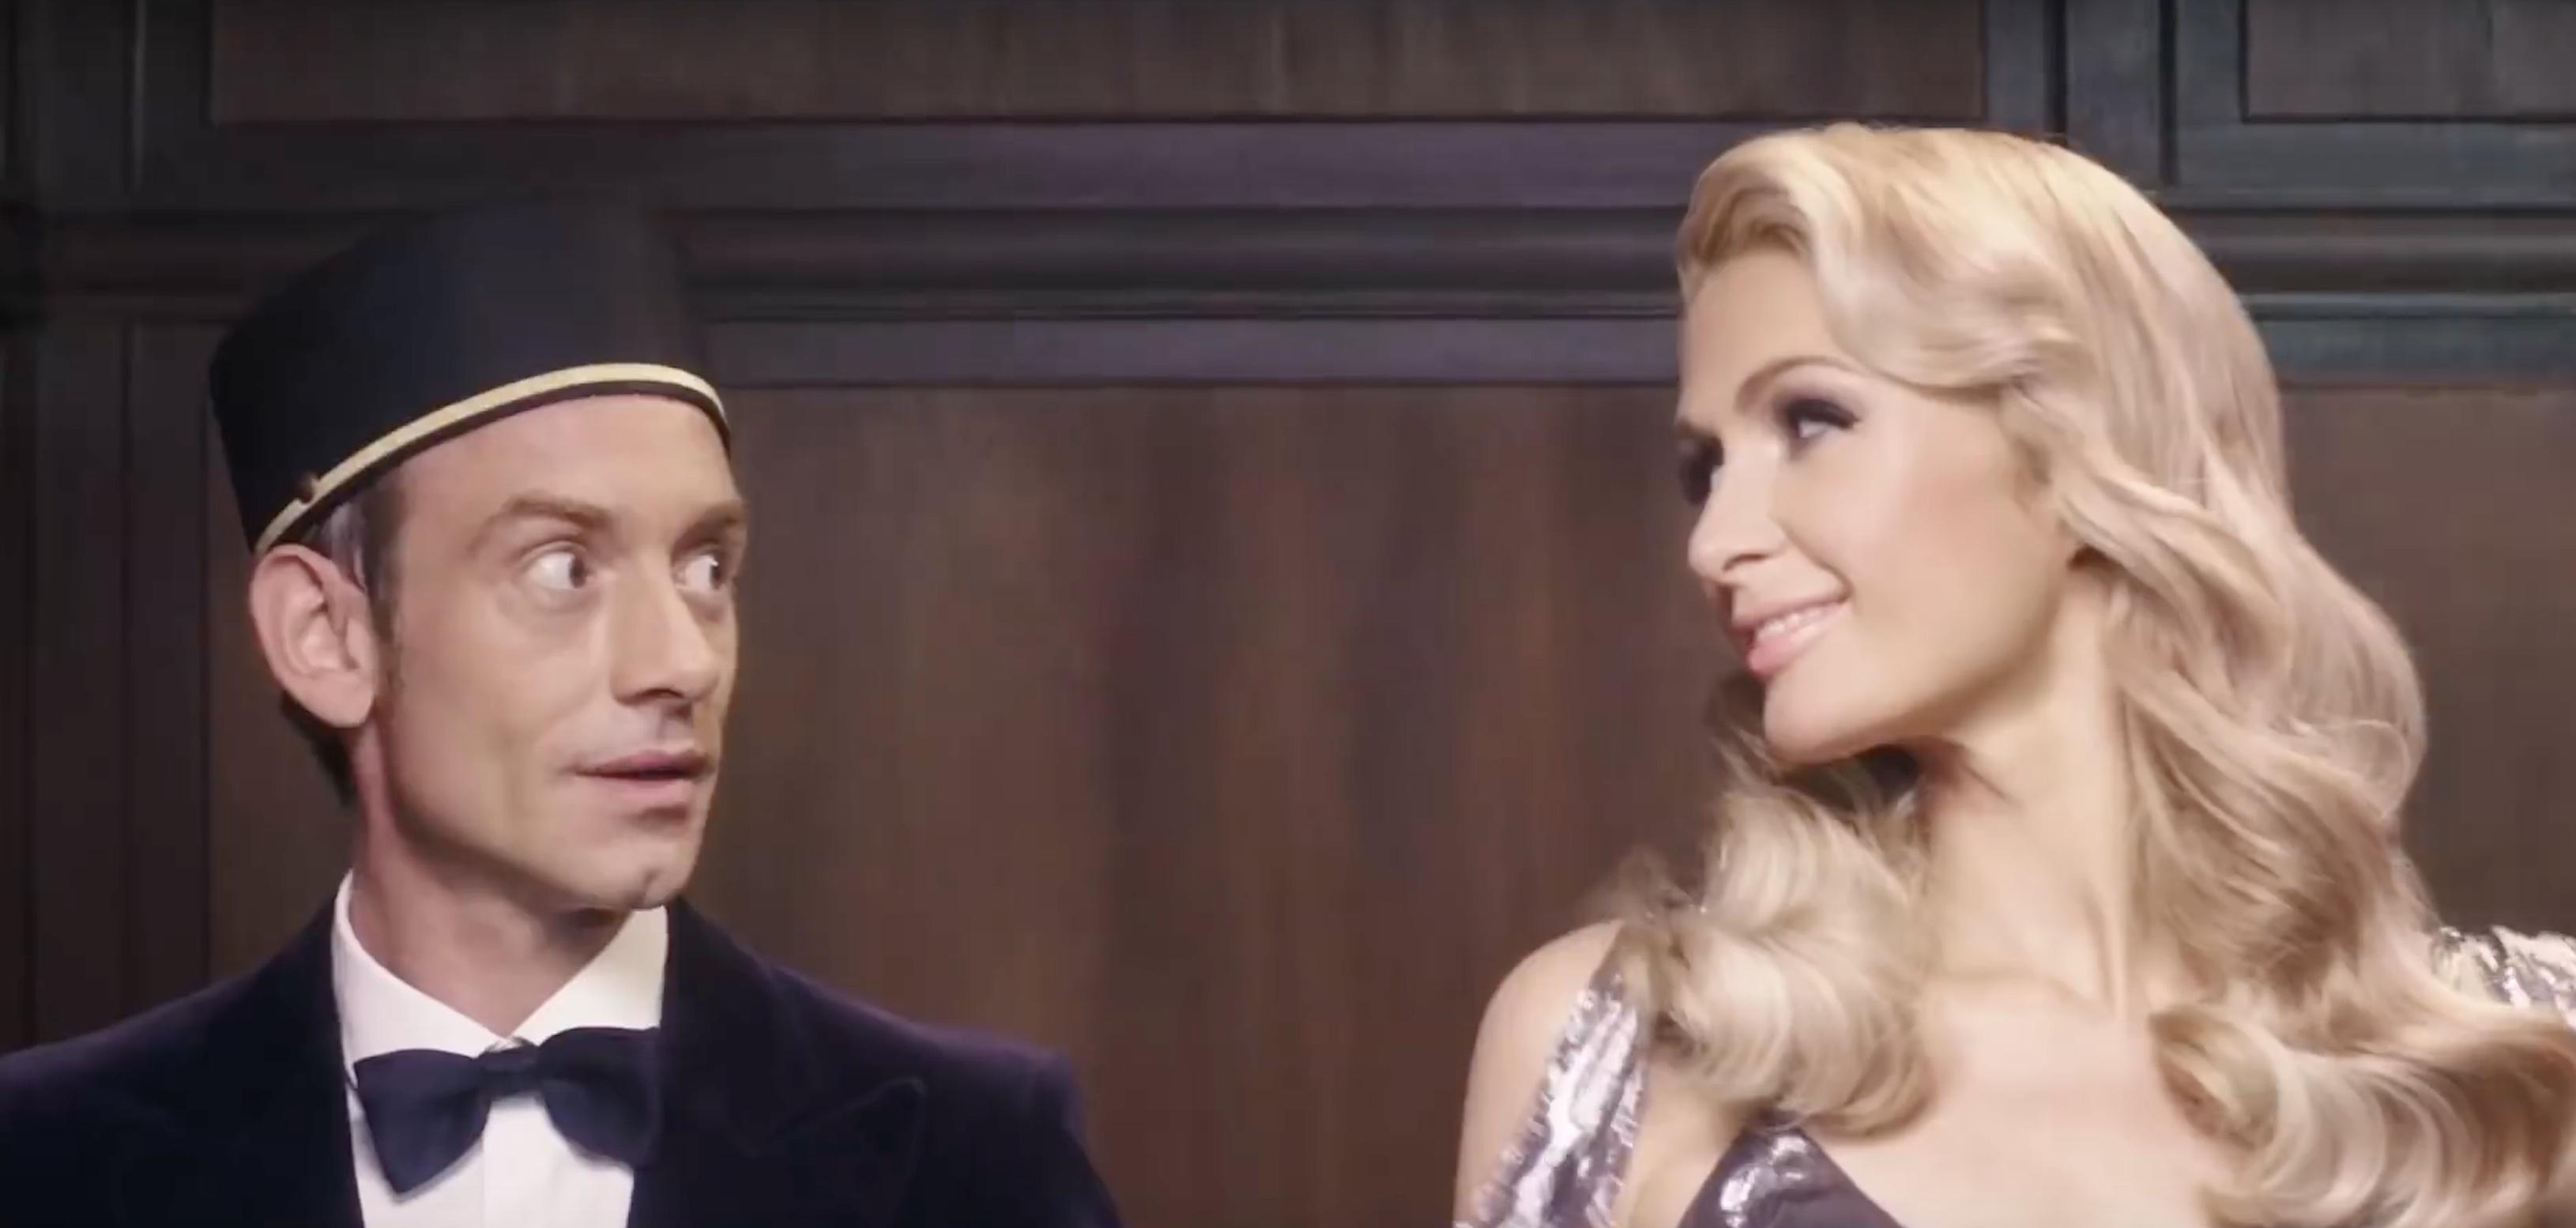 A to niespodzianka! Paris Hilton i jej gadżety kupisz w dyskoncie Lidl mediarun paris hilton lidl